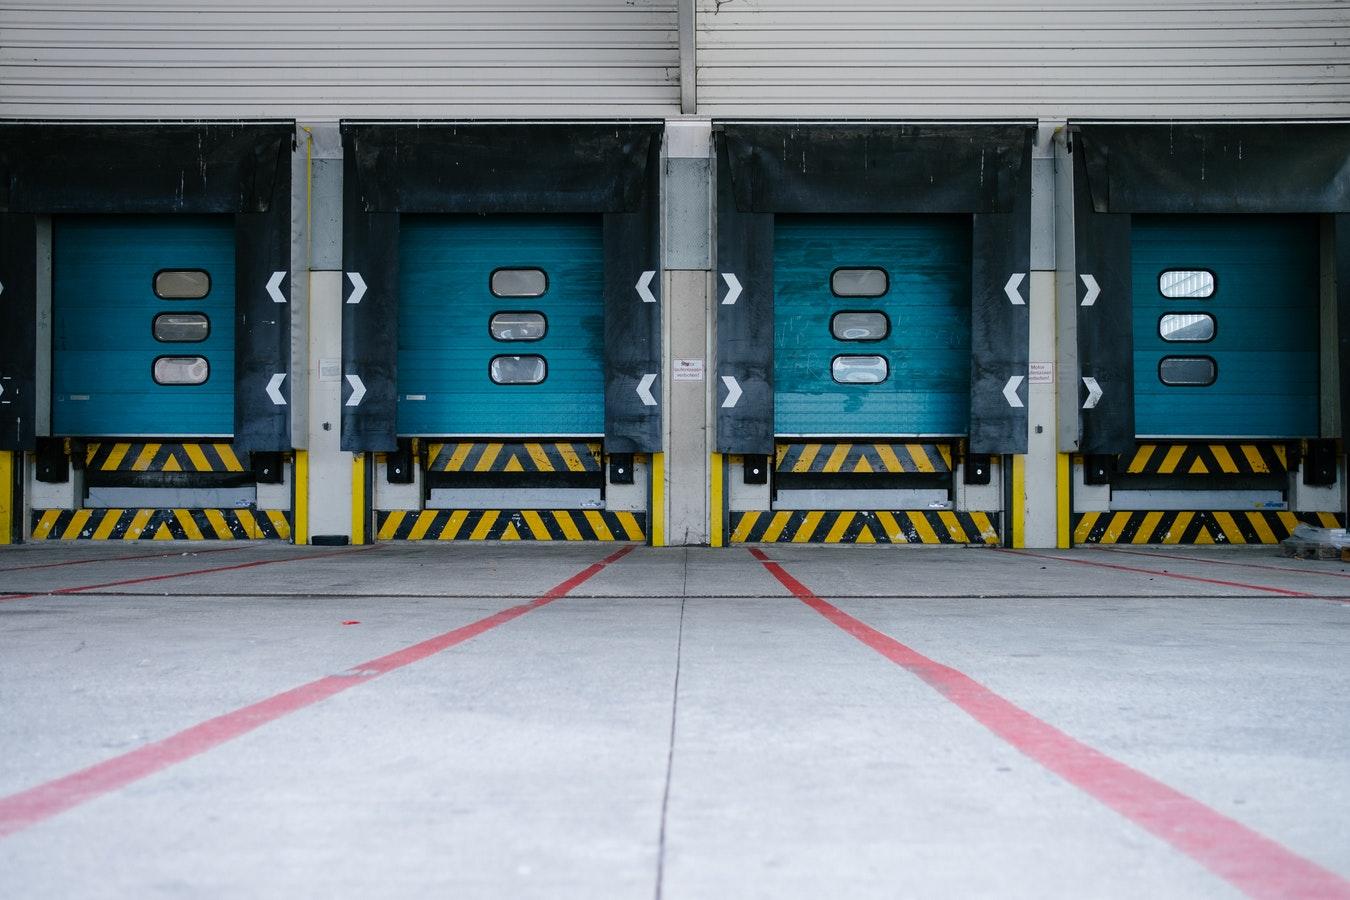 Como evitar riscos no transporte de cargas?